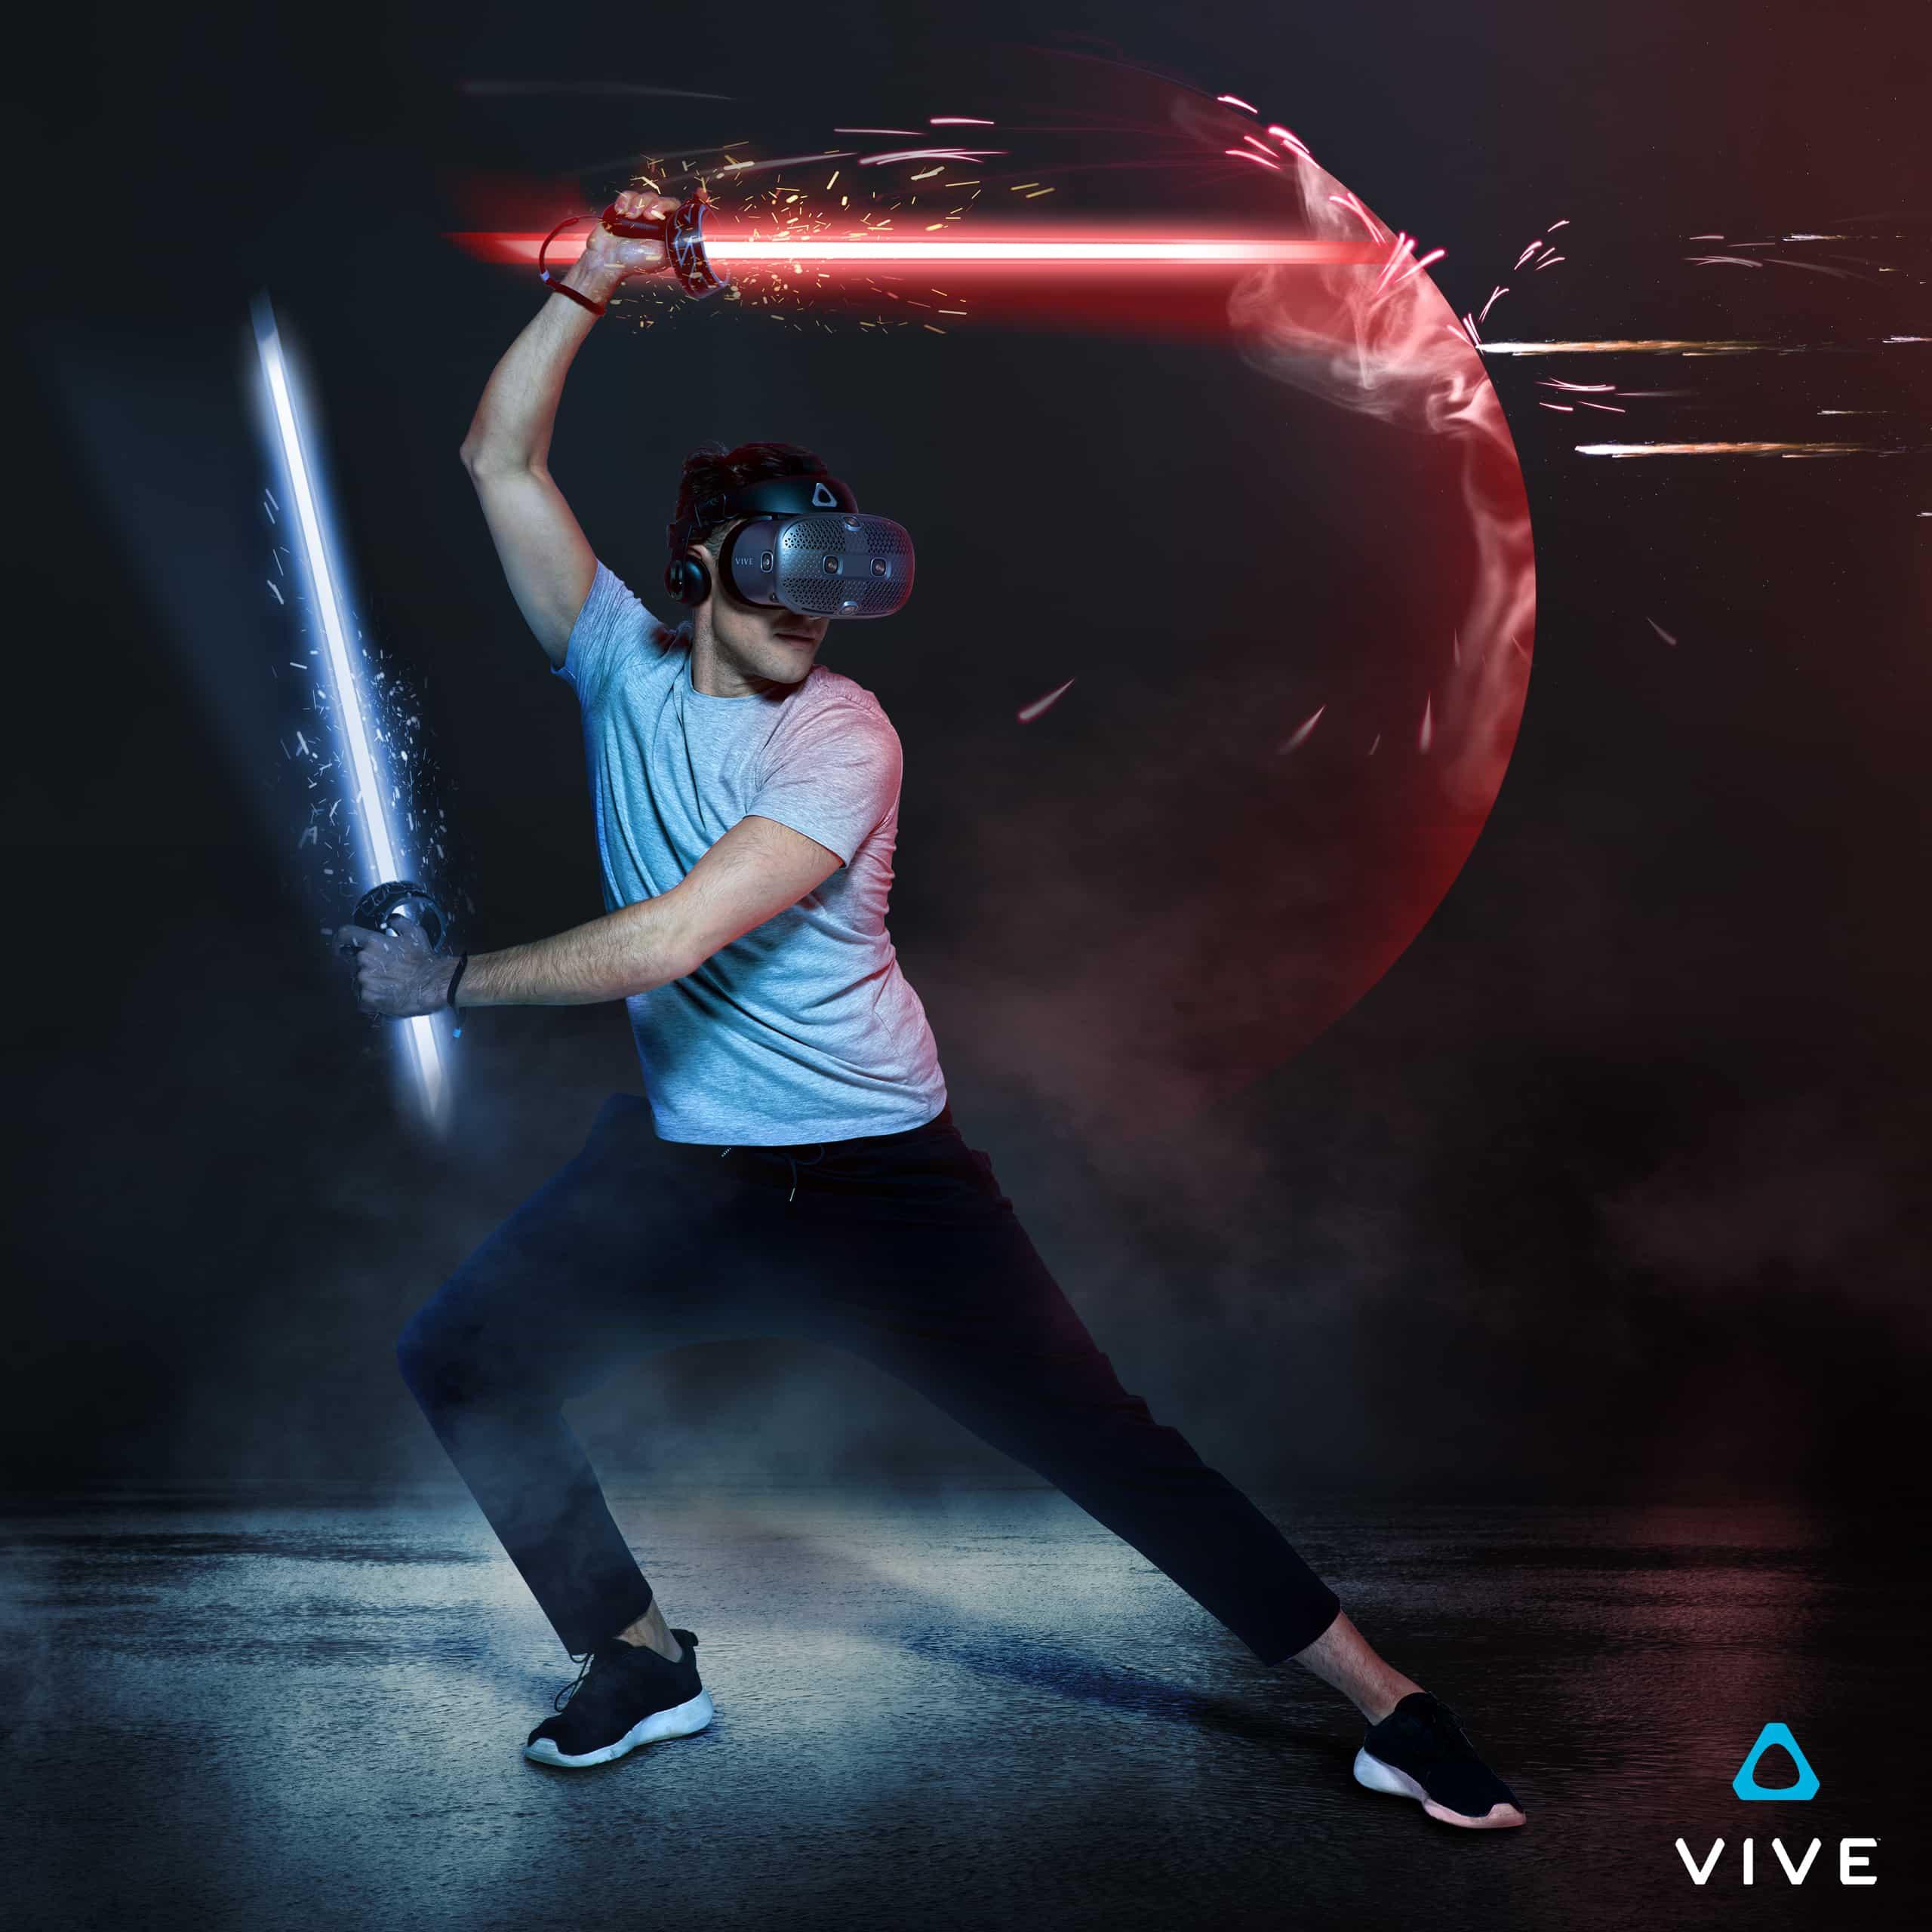 HTC Vive ra mắt kính VR cao cấp Vive Cosmos, có tại Việt Nam trong tháng 10